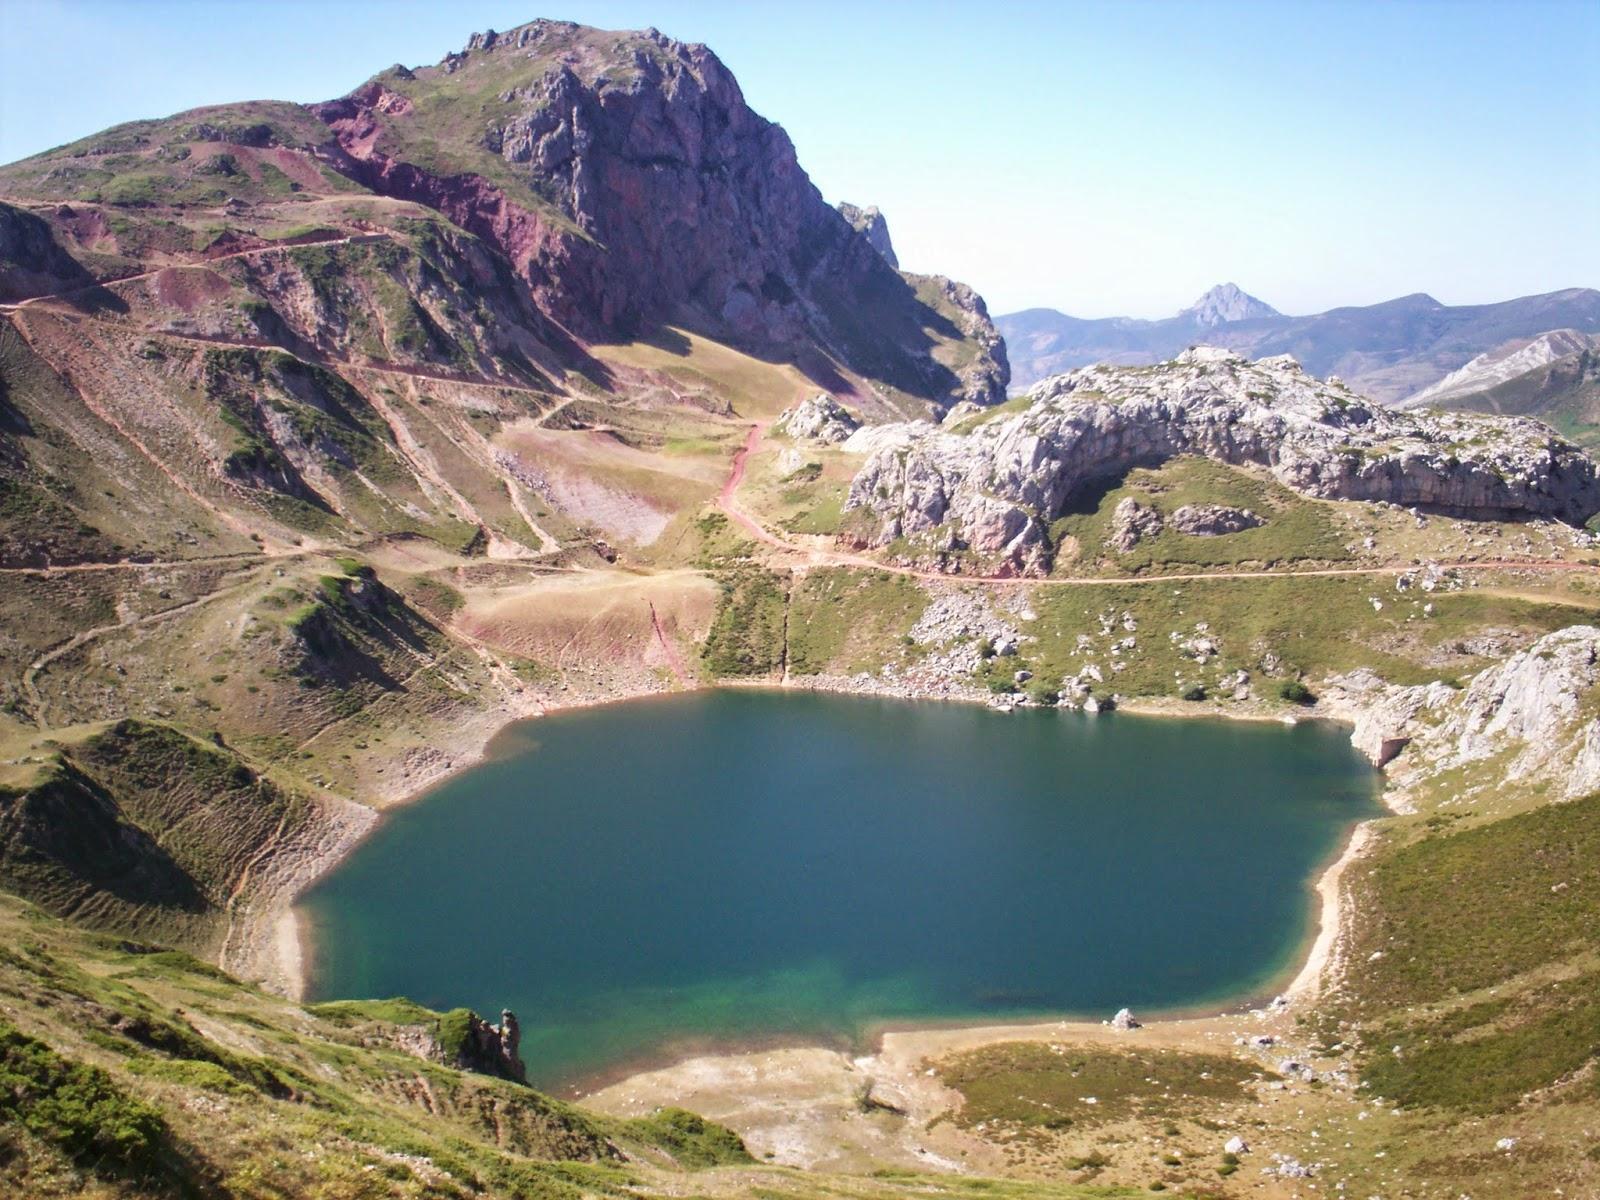 Vistas del lago de la Cueva en Somiedo